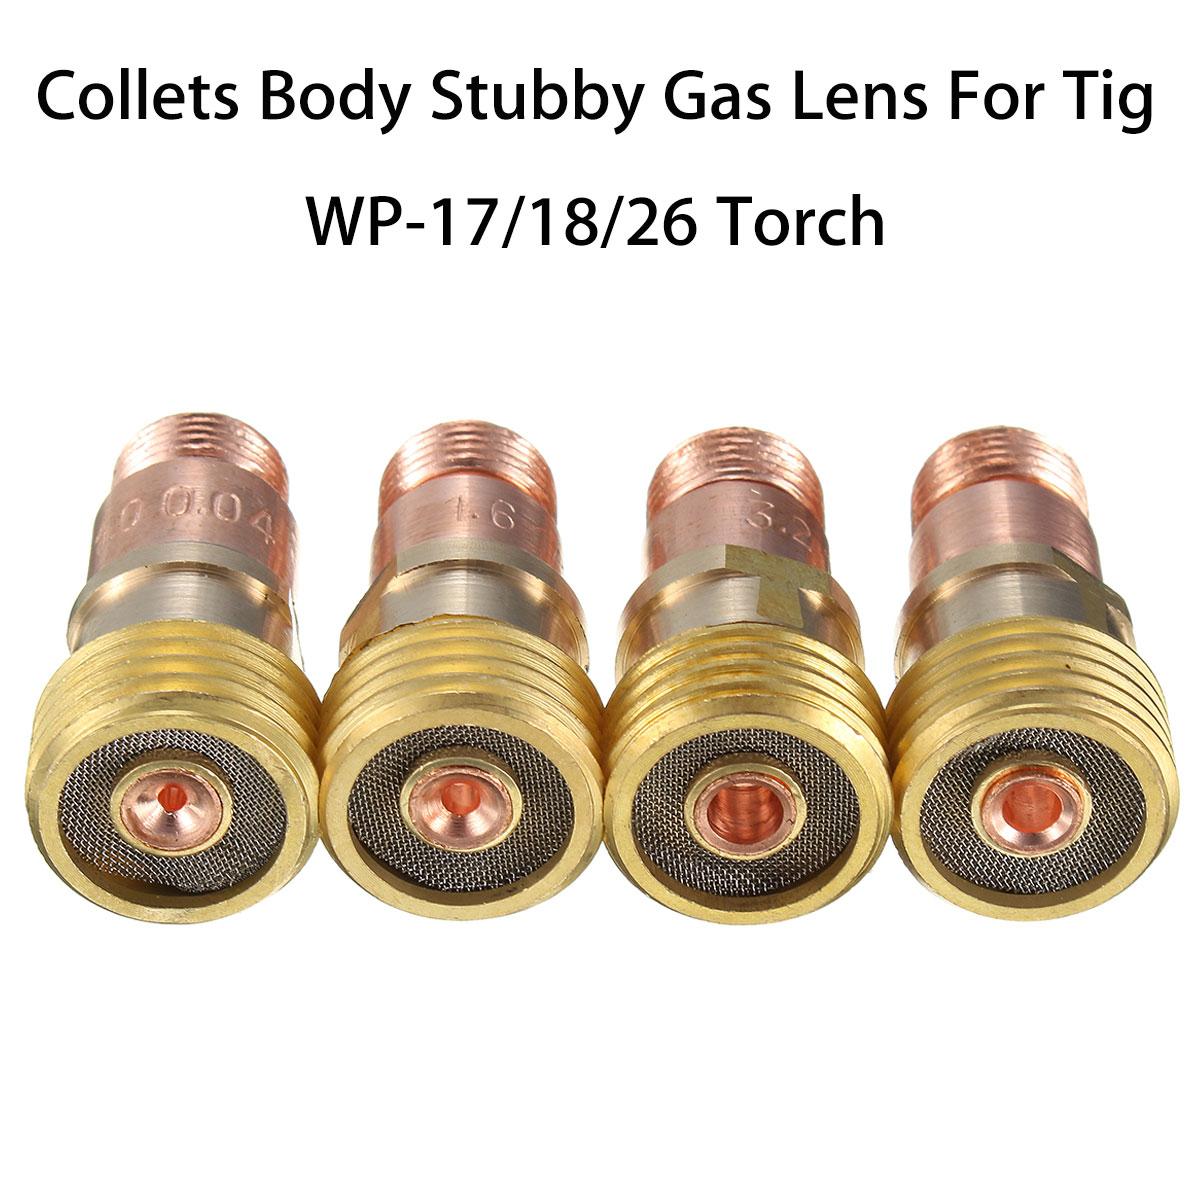 Forgelo Messing Spannzangen Körper Stubby Gas Objektiv Anschluss Mit Mesh Für Tig WP-17/18/26 Fackel Schweißen Zubehör